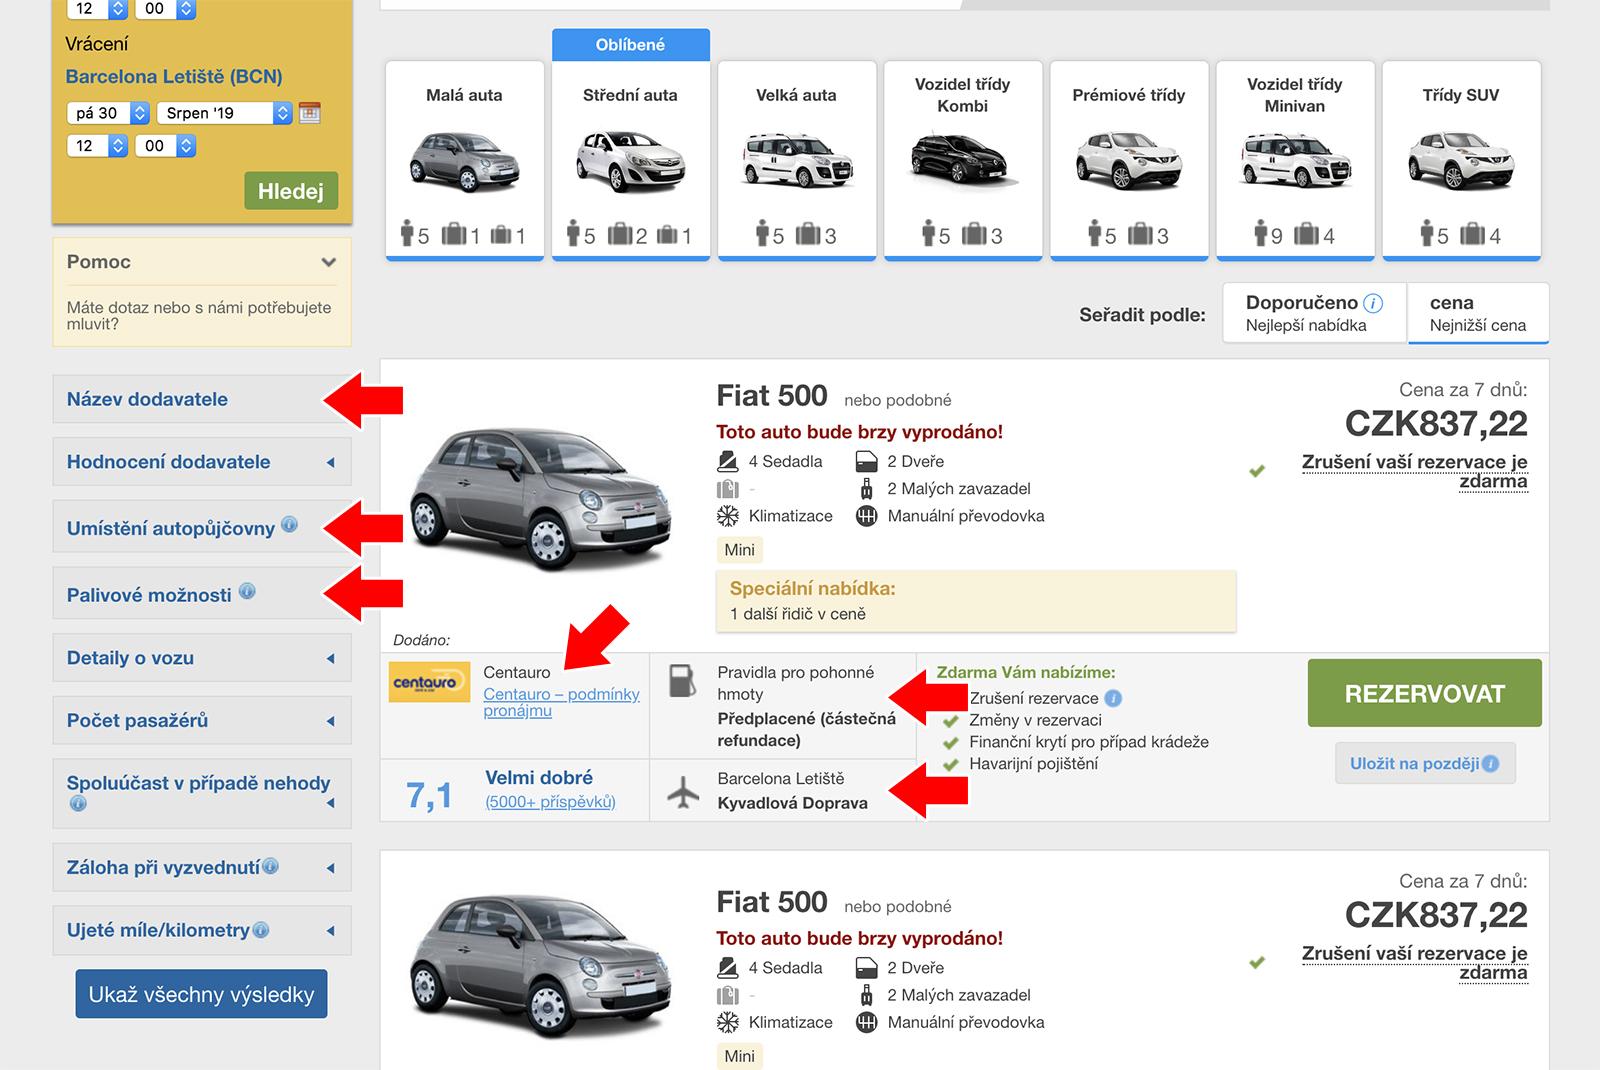 Dodavatel, umístění autopůjčovny a palivové možnosti